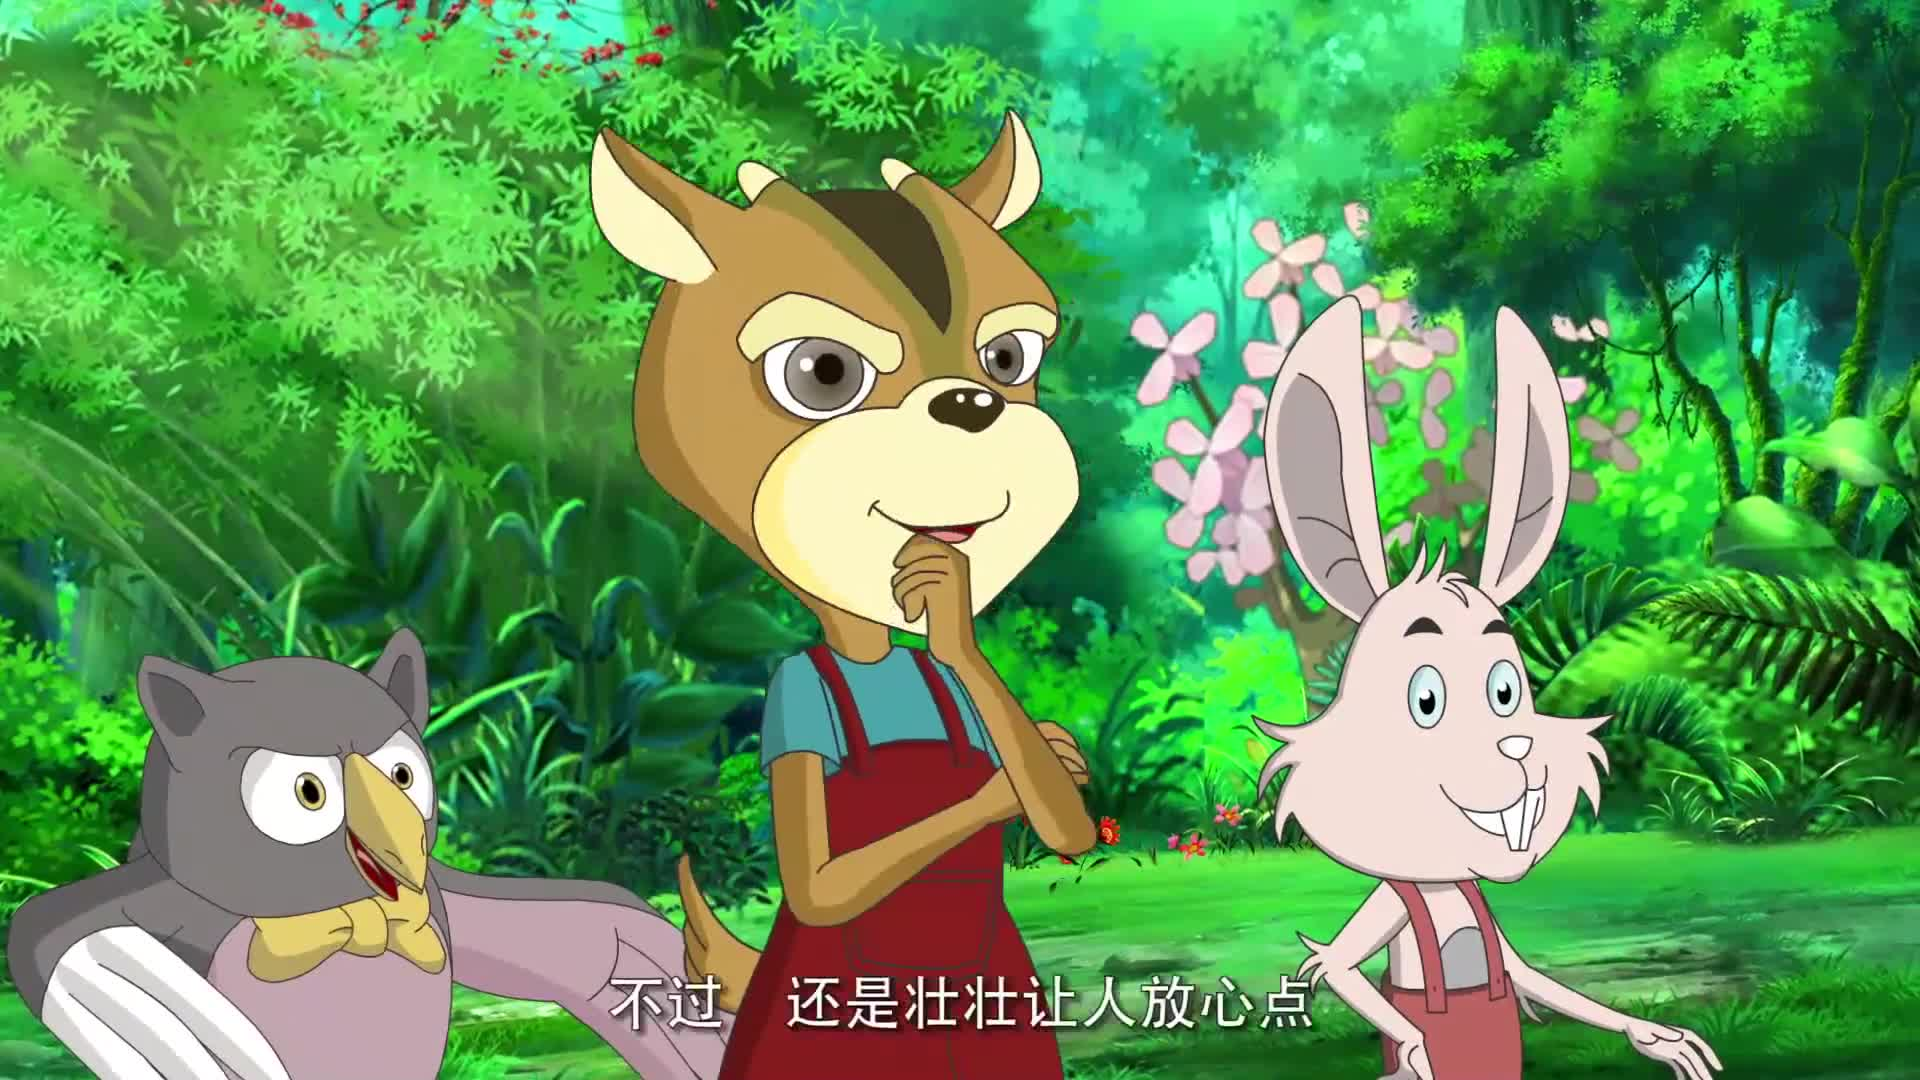 森林使者:大家去找金花茶,壮壮吓唬大家,大家都很害怕